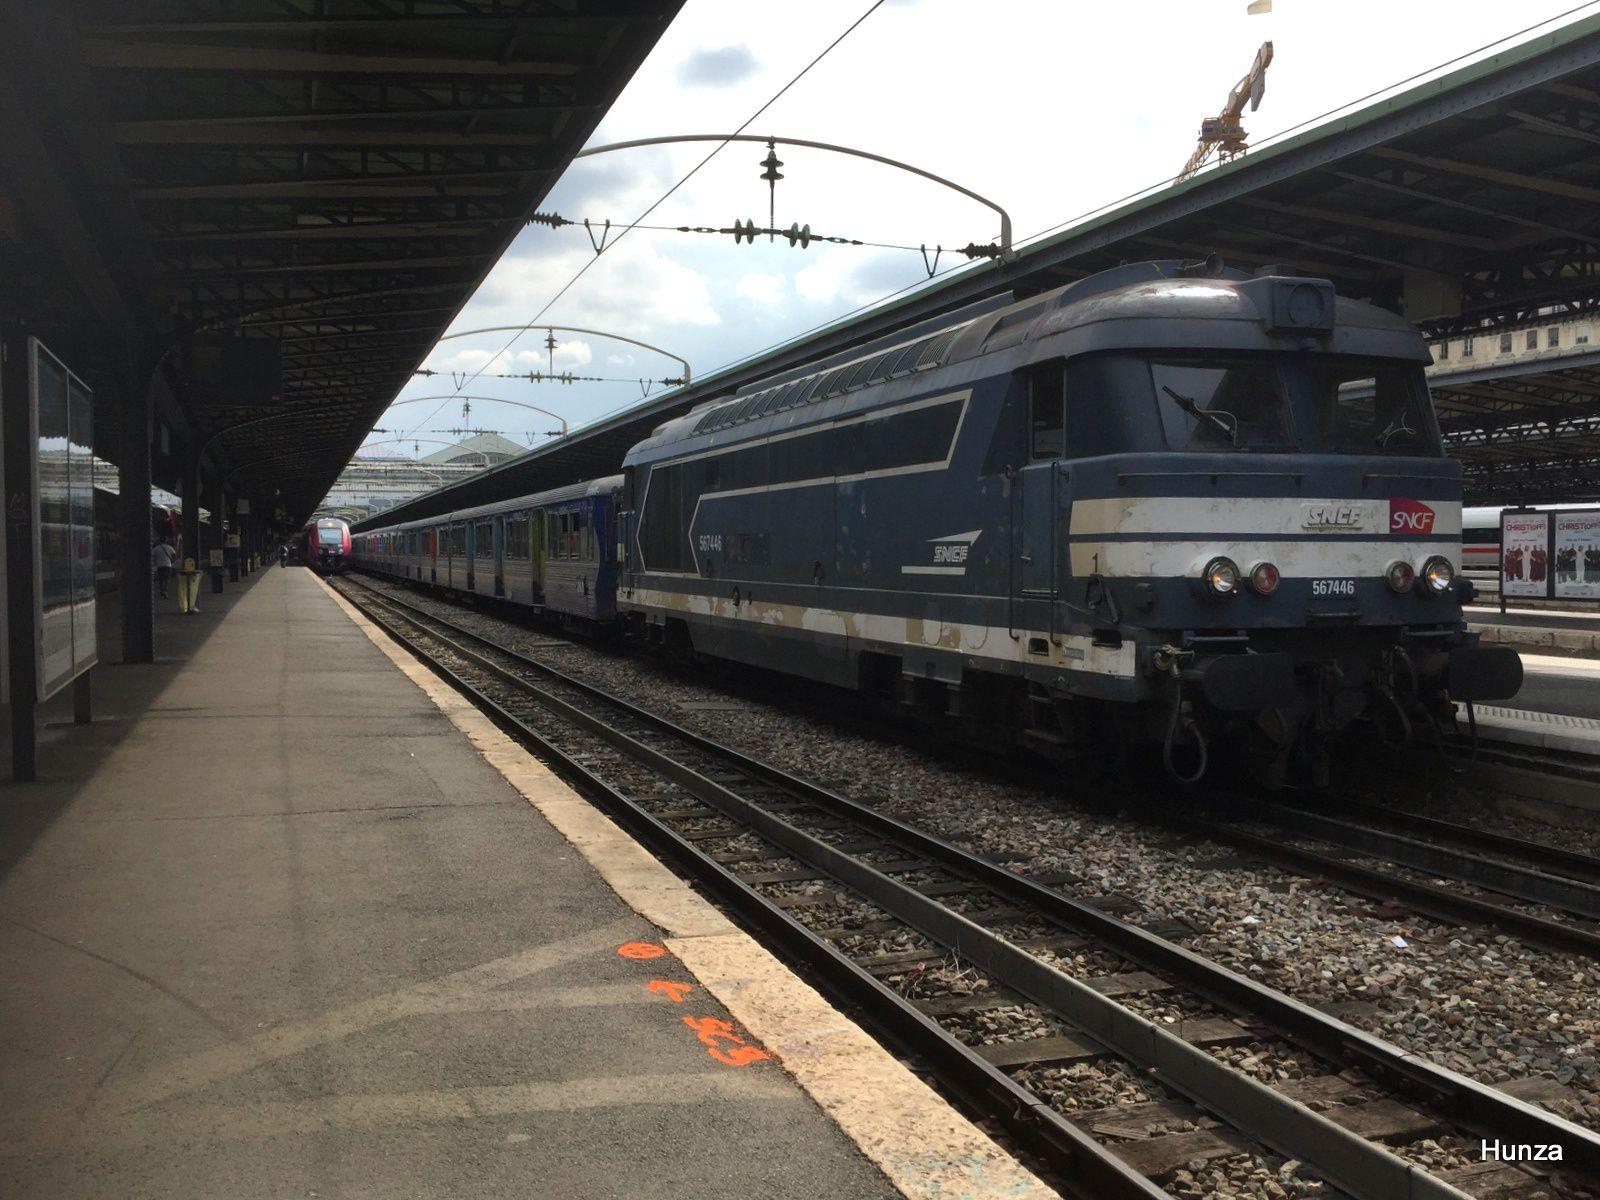 Gare de l'Est : train FYMO à destination de La Ferté Milon avec BB 67446 (5 juillet 2018)